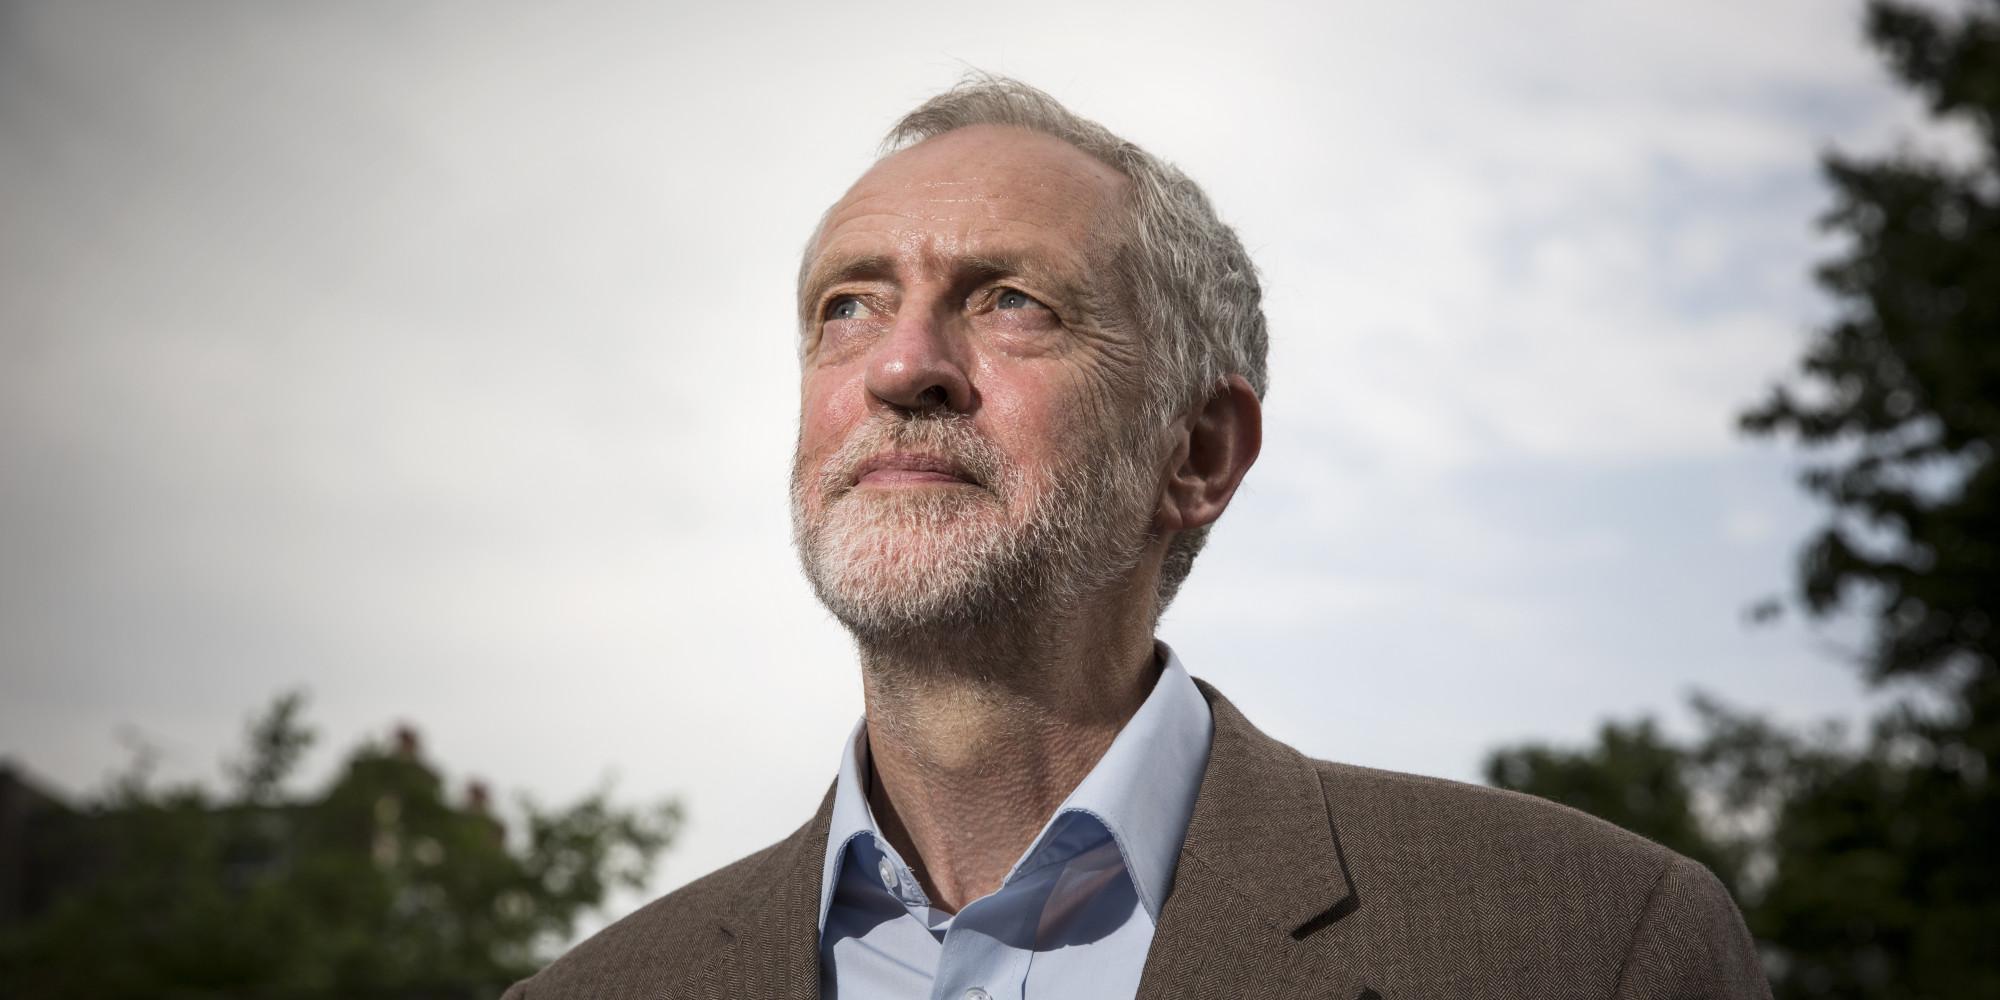 La necessaria rivoluzione verde del lavoro che capisce pure il partito laburista inglese